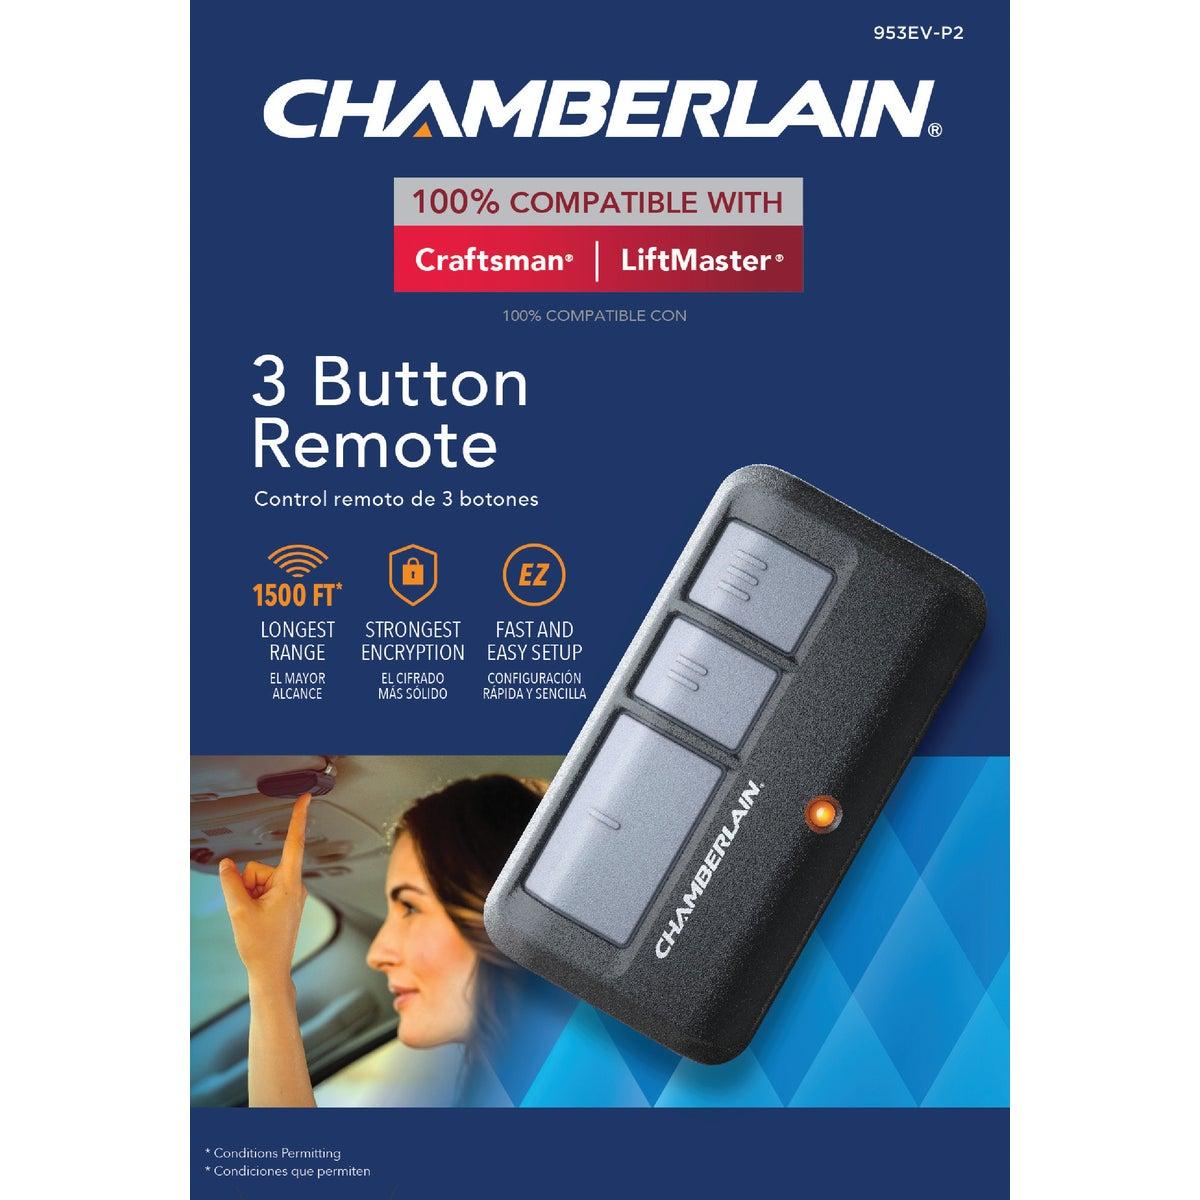 3 Button Garage Remote